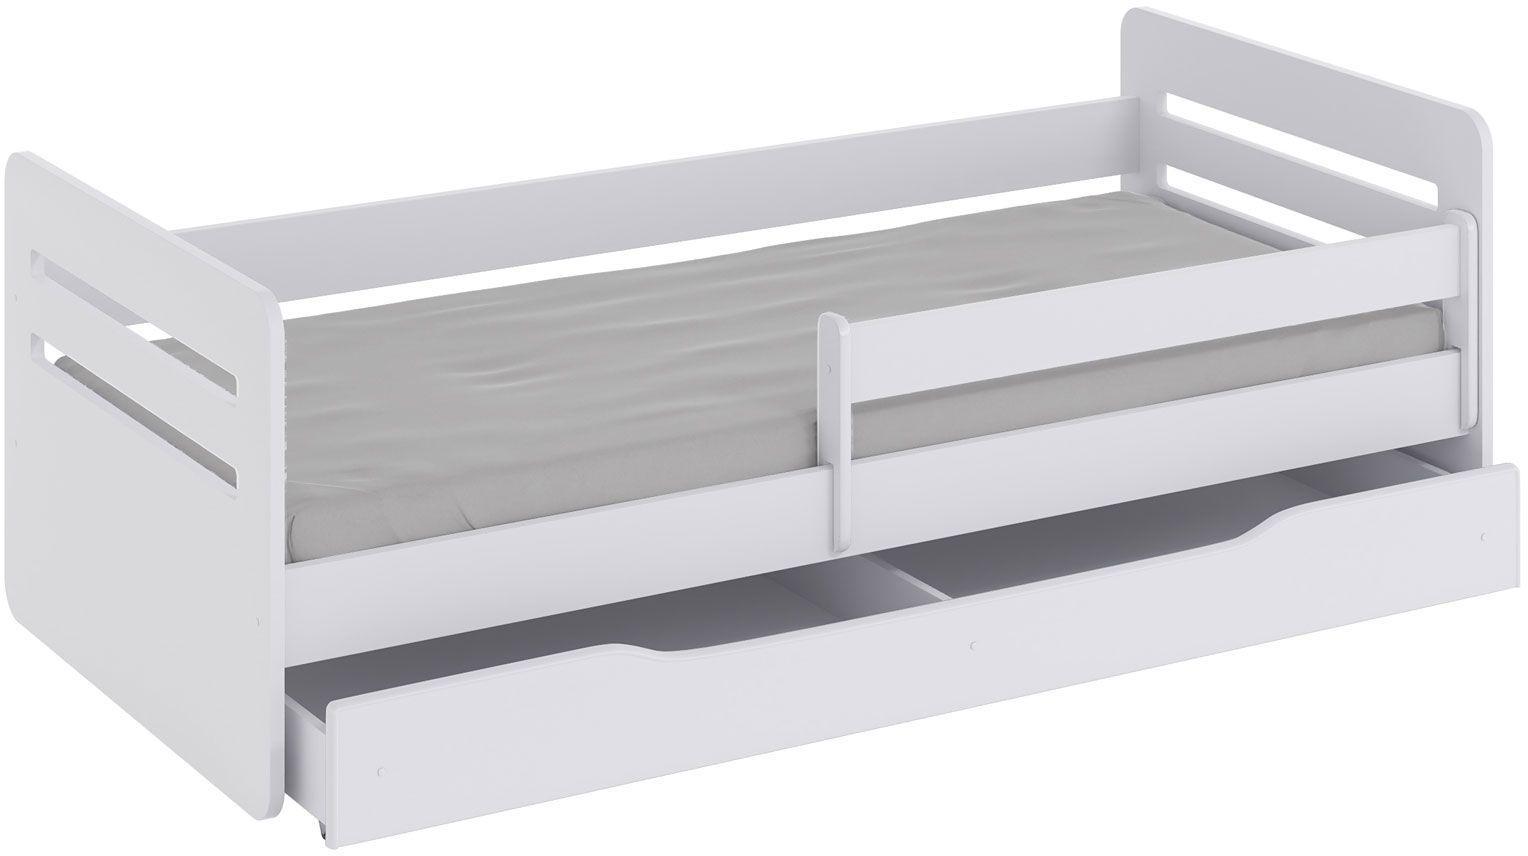 Łóżko dla dziecka z materacem Candy 2X 80x180 - białe